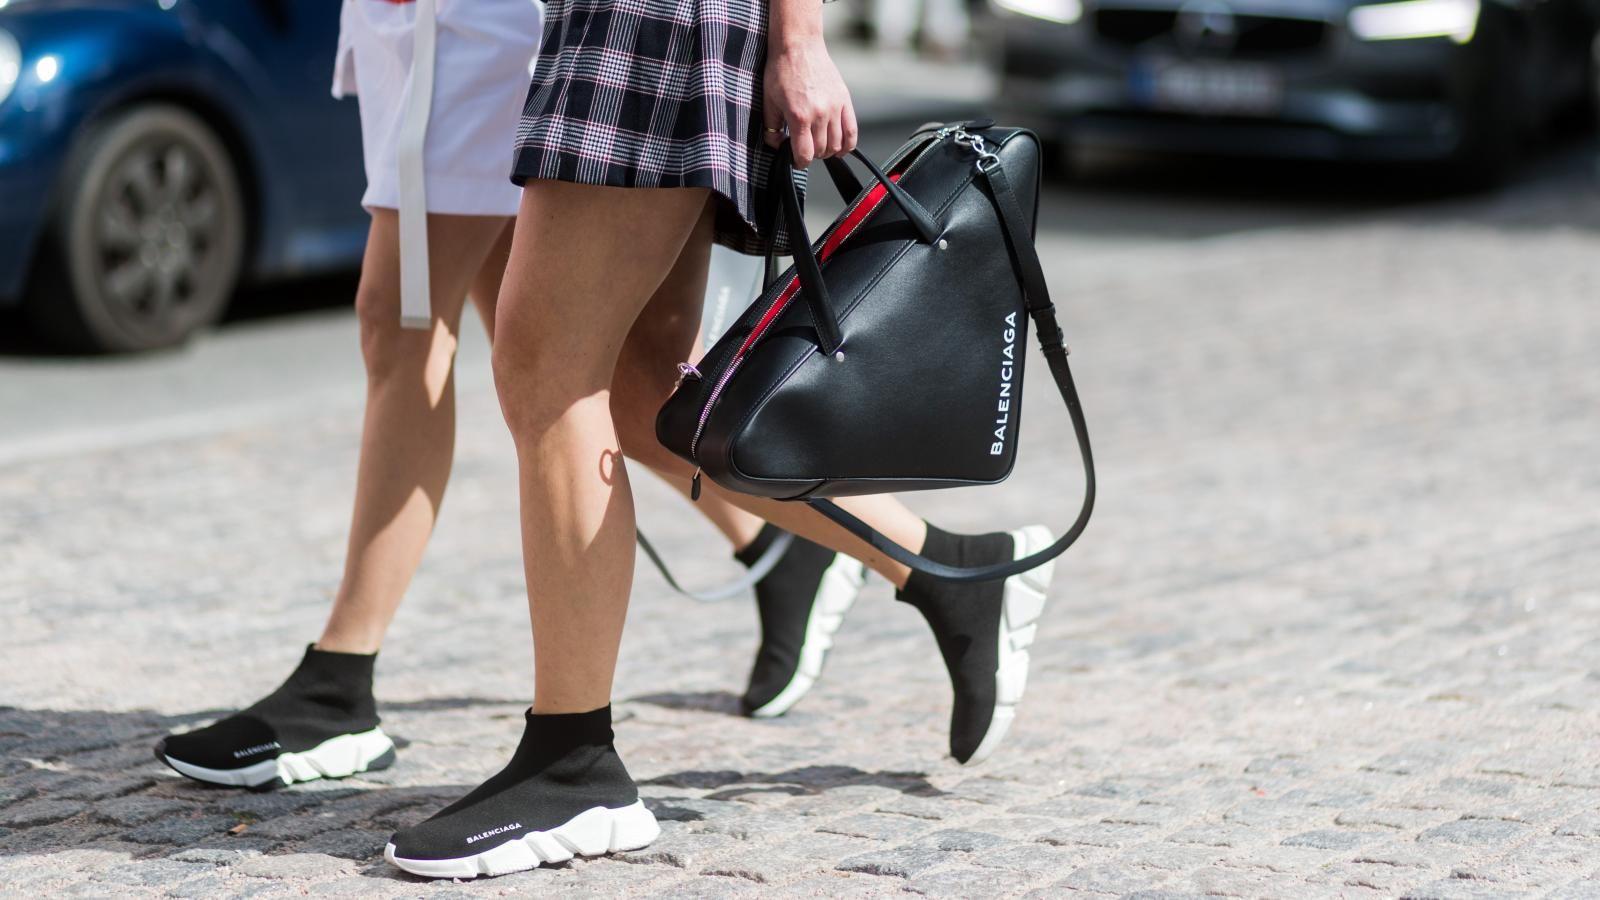 balenciaga socks | balenciaga shoes